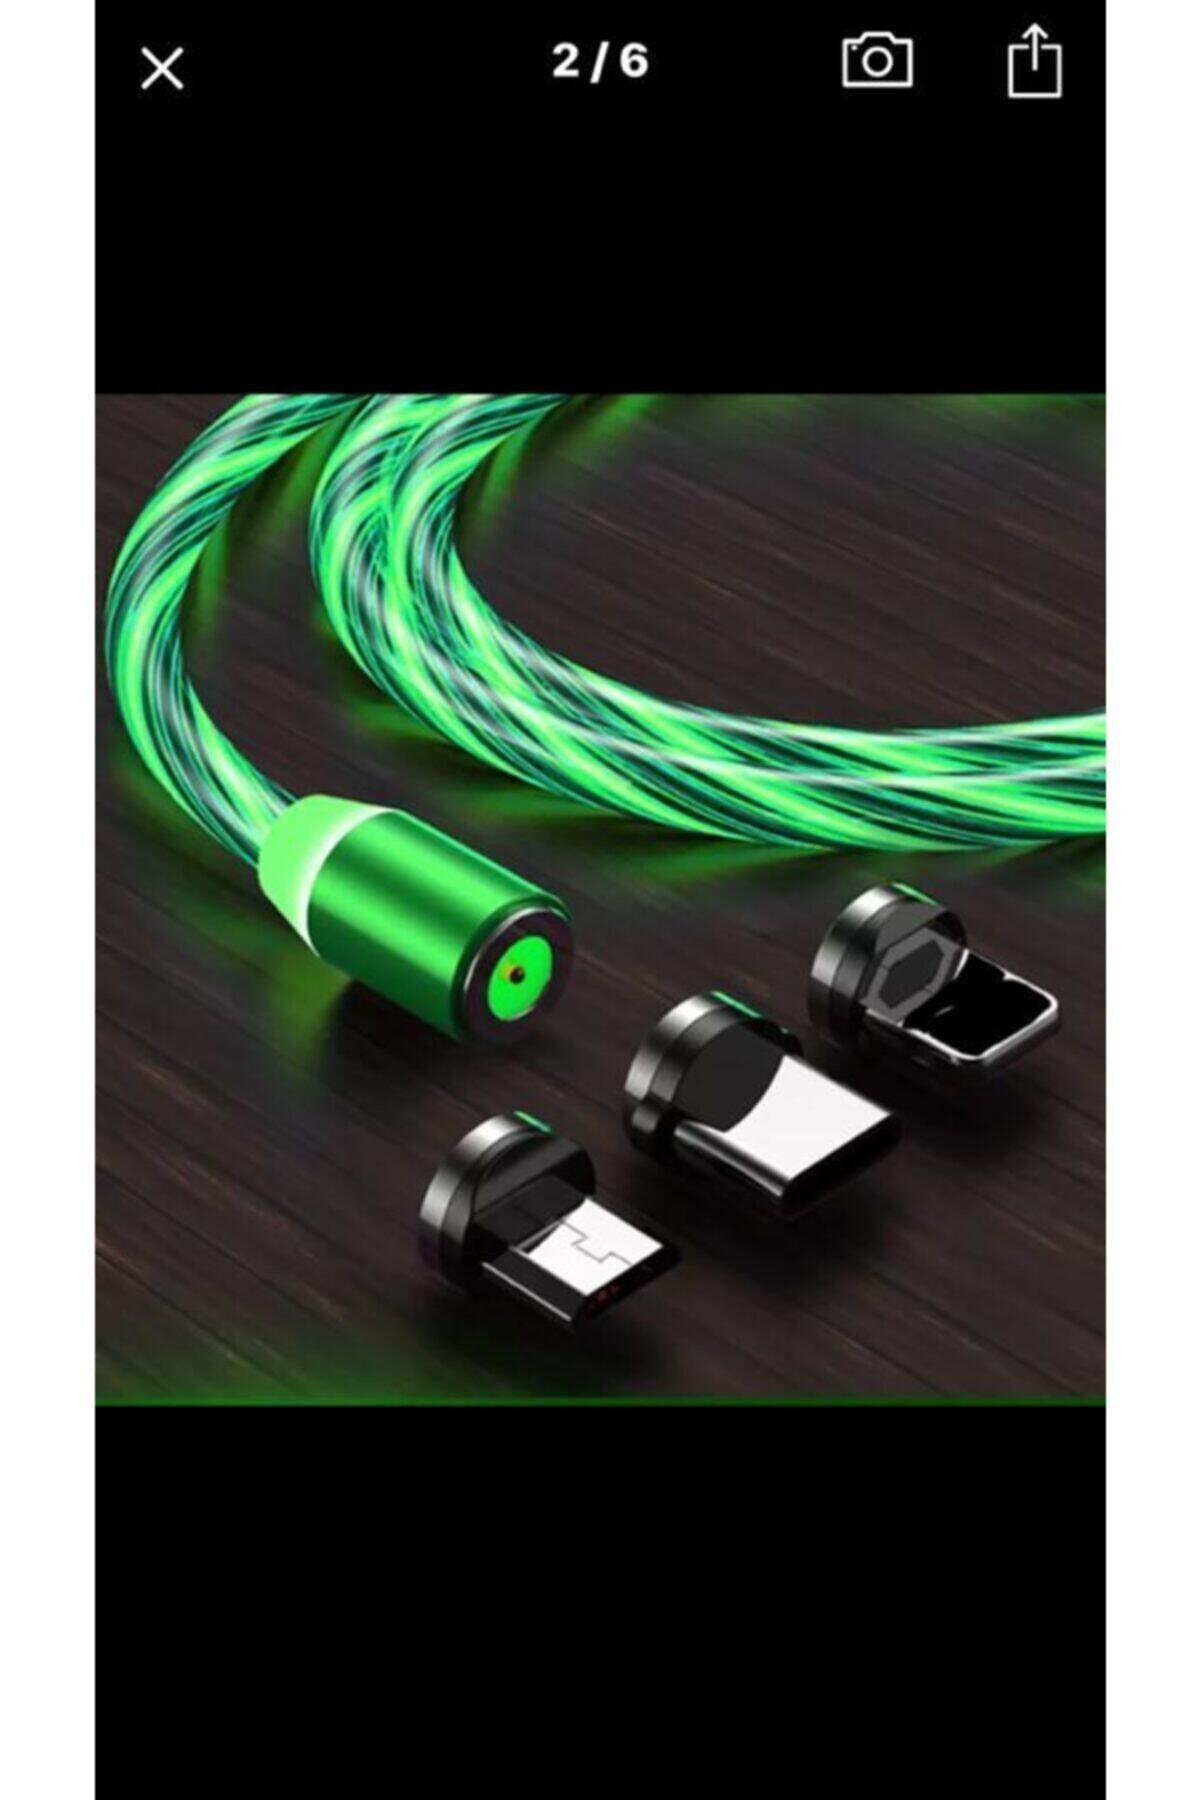 BİTERSE Iphone Işıklı Hareketli Manyetik Mıknatıslı Şarj Aleti Sarj Kablosu 1